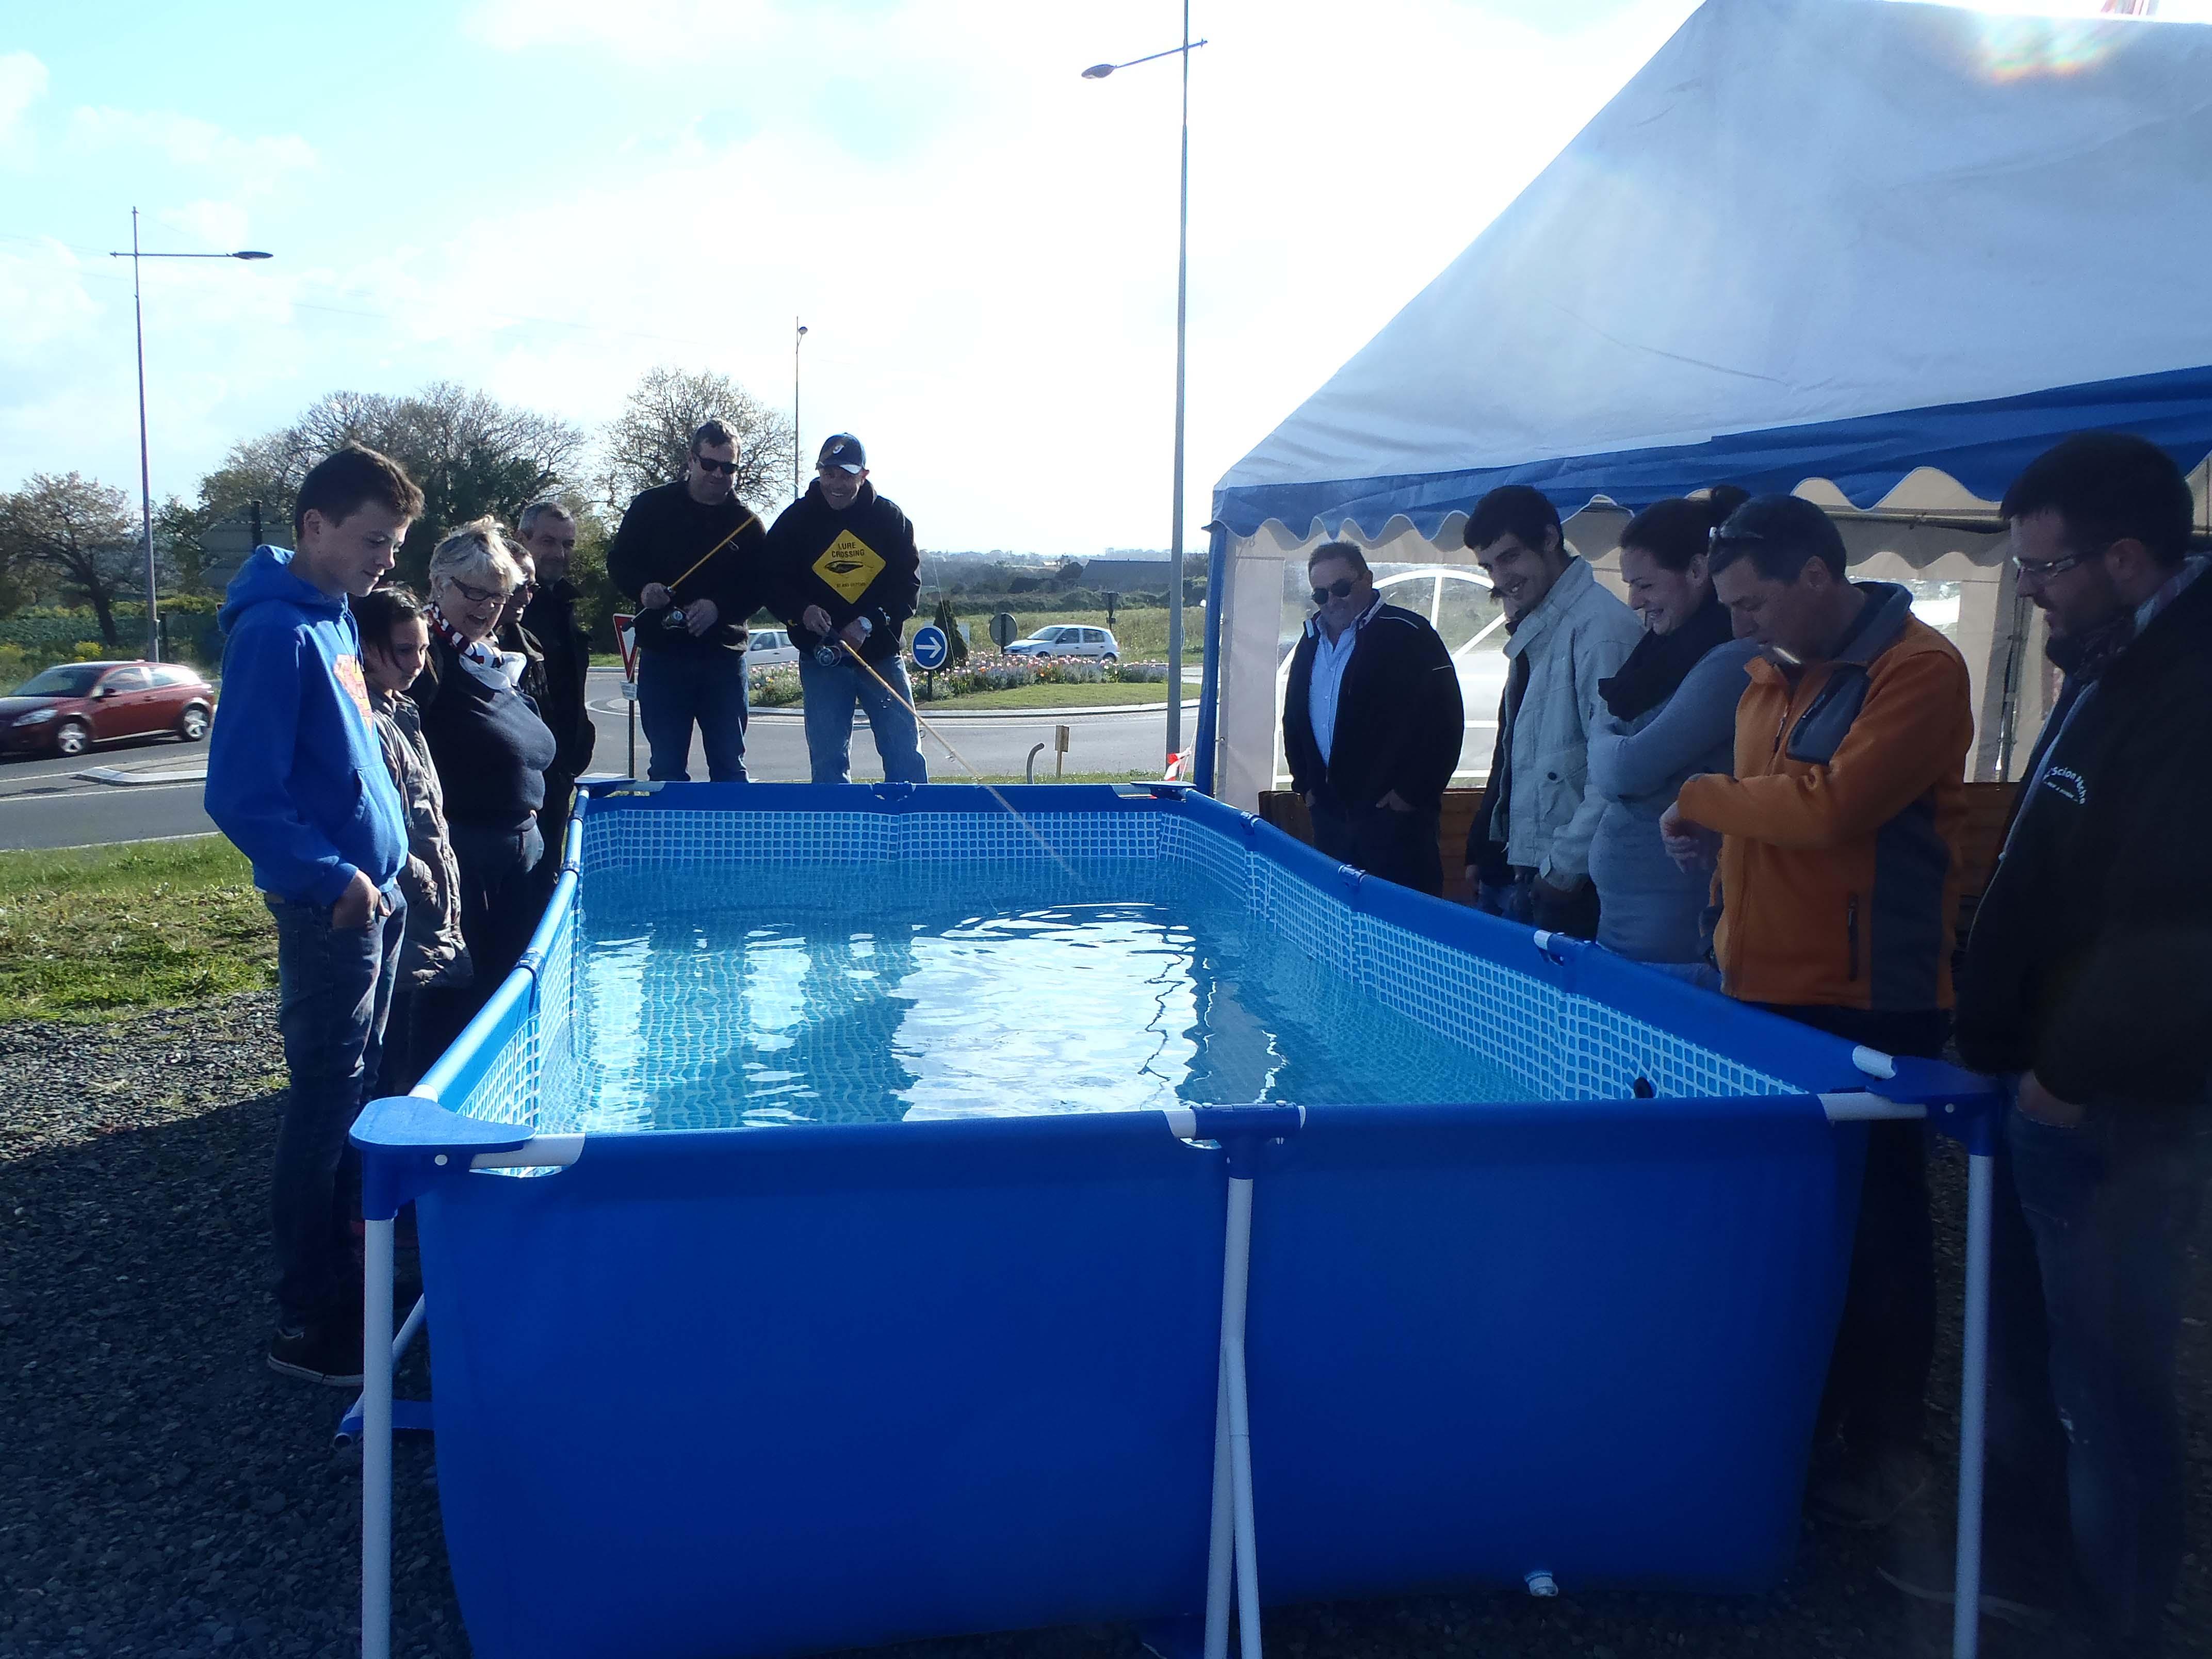 Entraînement de pêche en piscine!